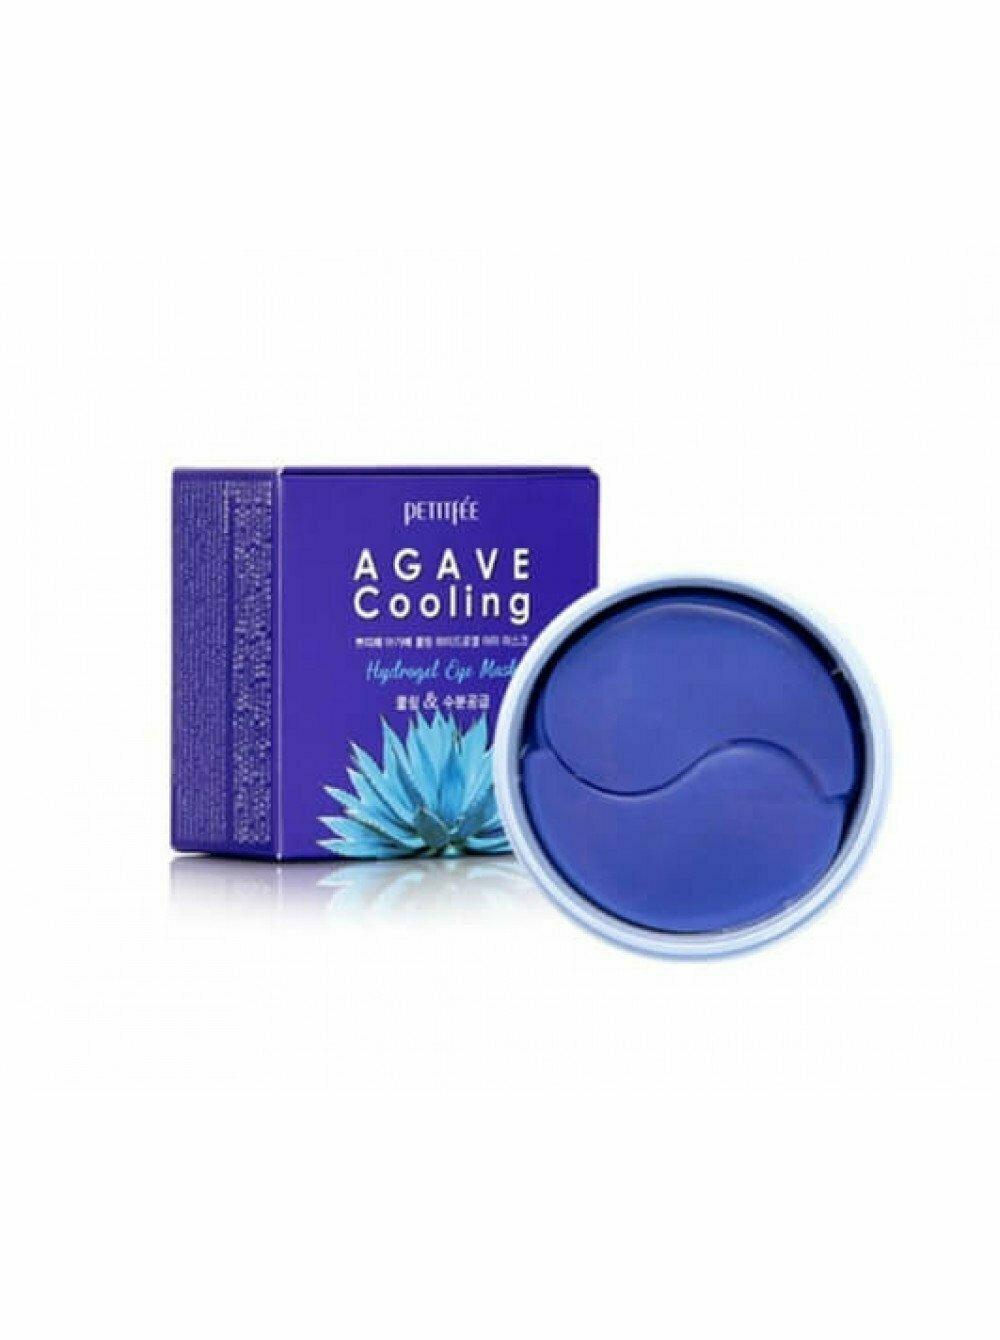 Petitfee Agave Cooling Hydrogel Eye Mask Гидрогелевые патчи для глаз с охлаждающим эффектом